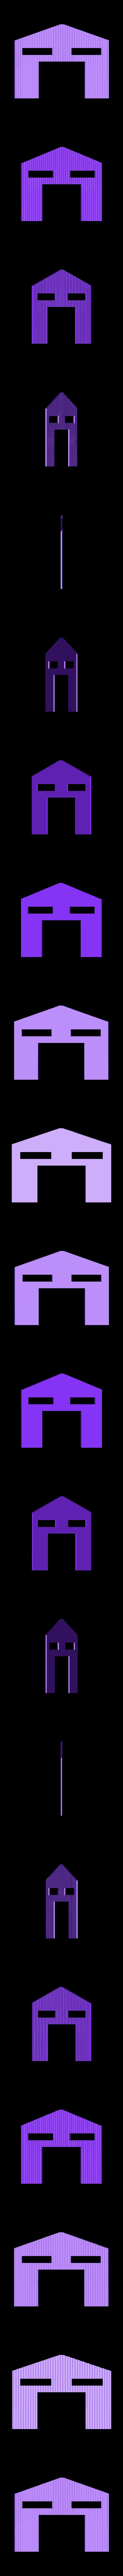 86Duino-Taiwan-metal-sheet-house-2.STL Download free STL file Taiwan style metal sheet building • 3D print object, 86Duino